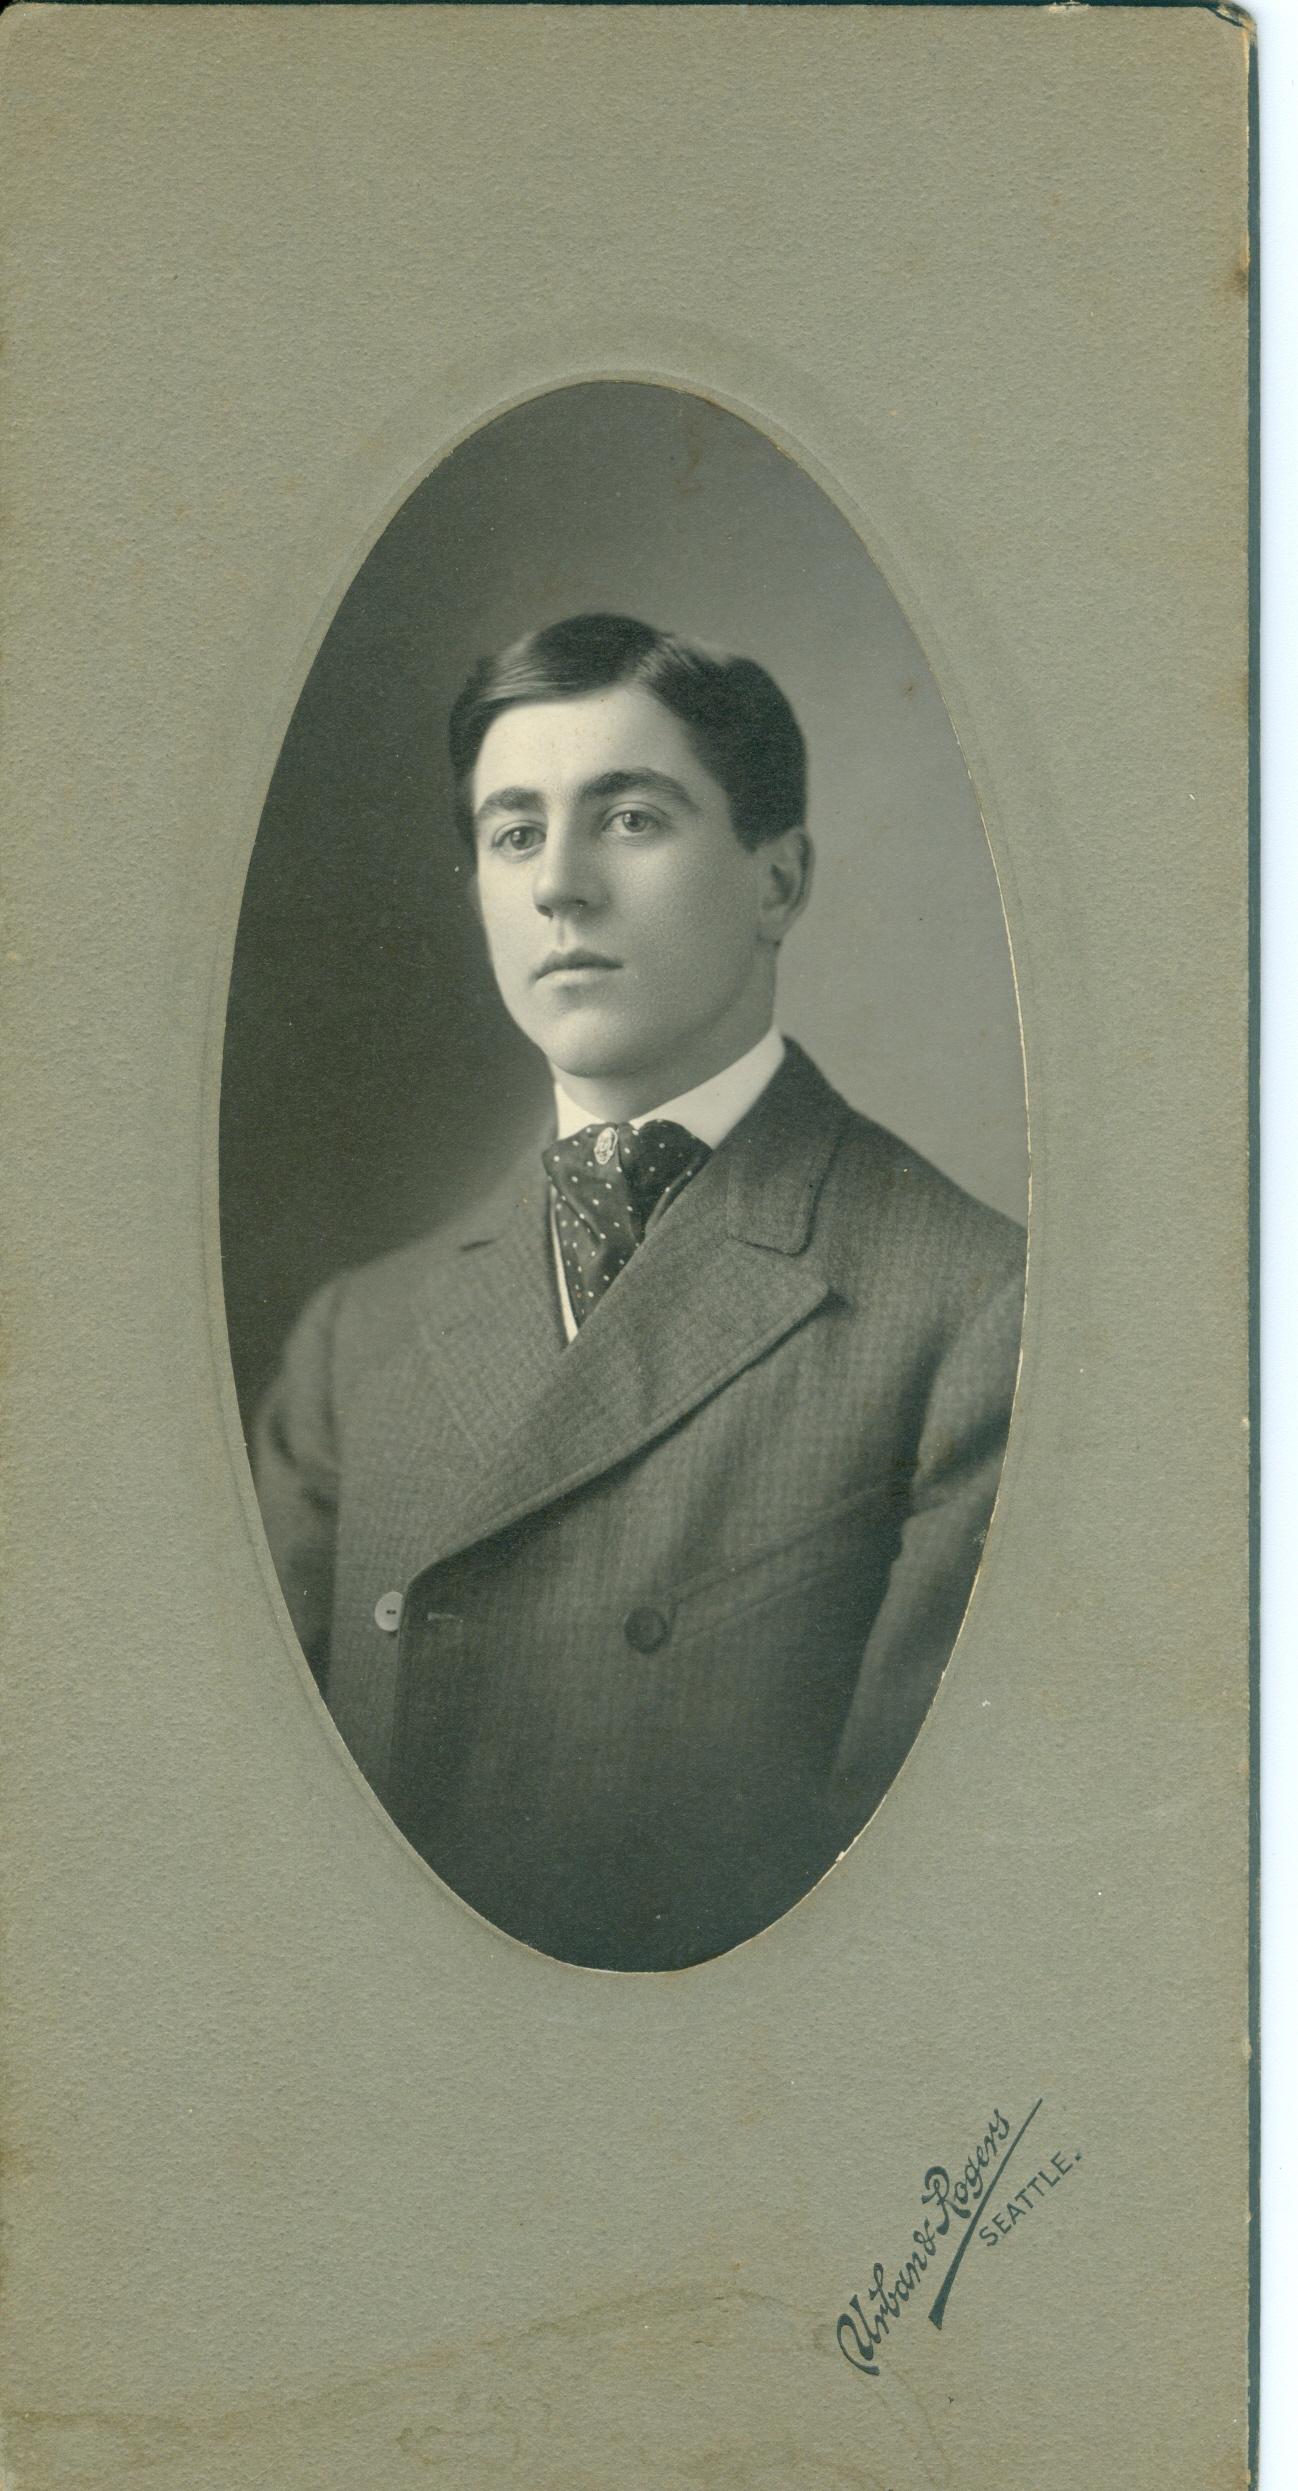 Frank Bleecker 1904